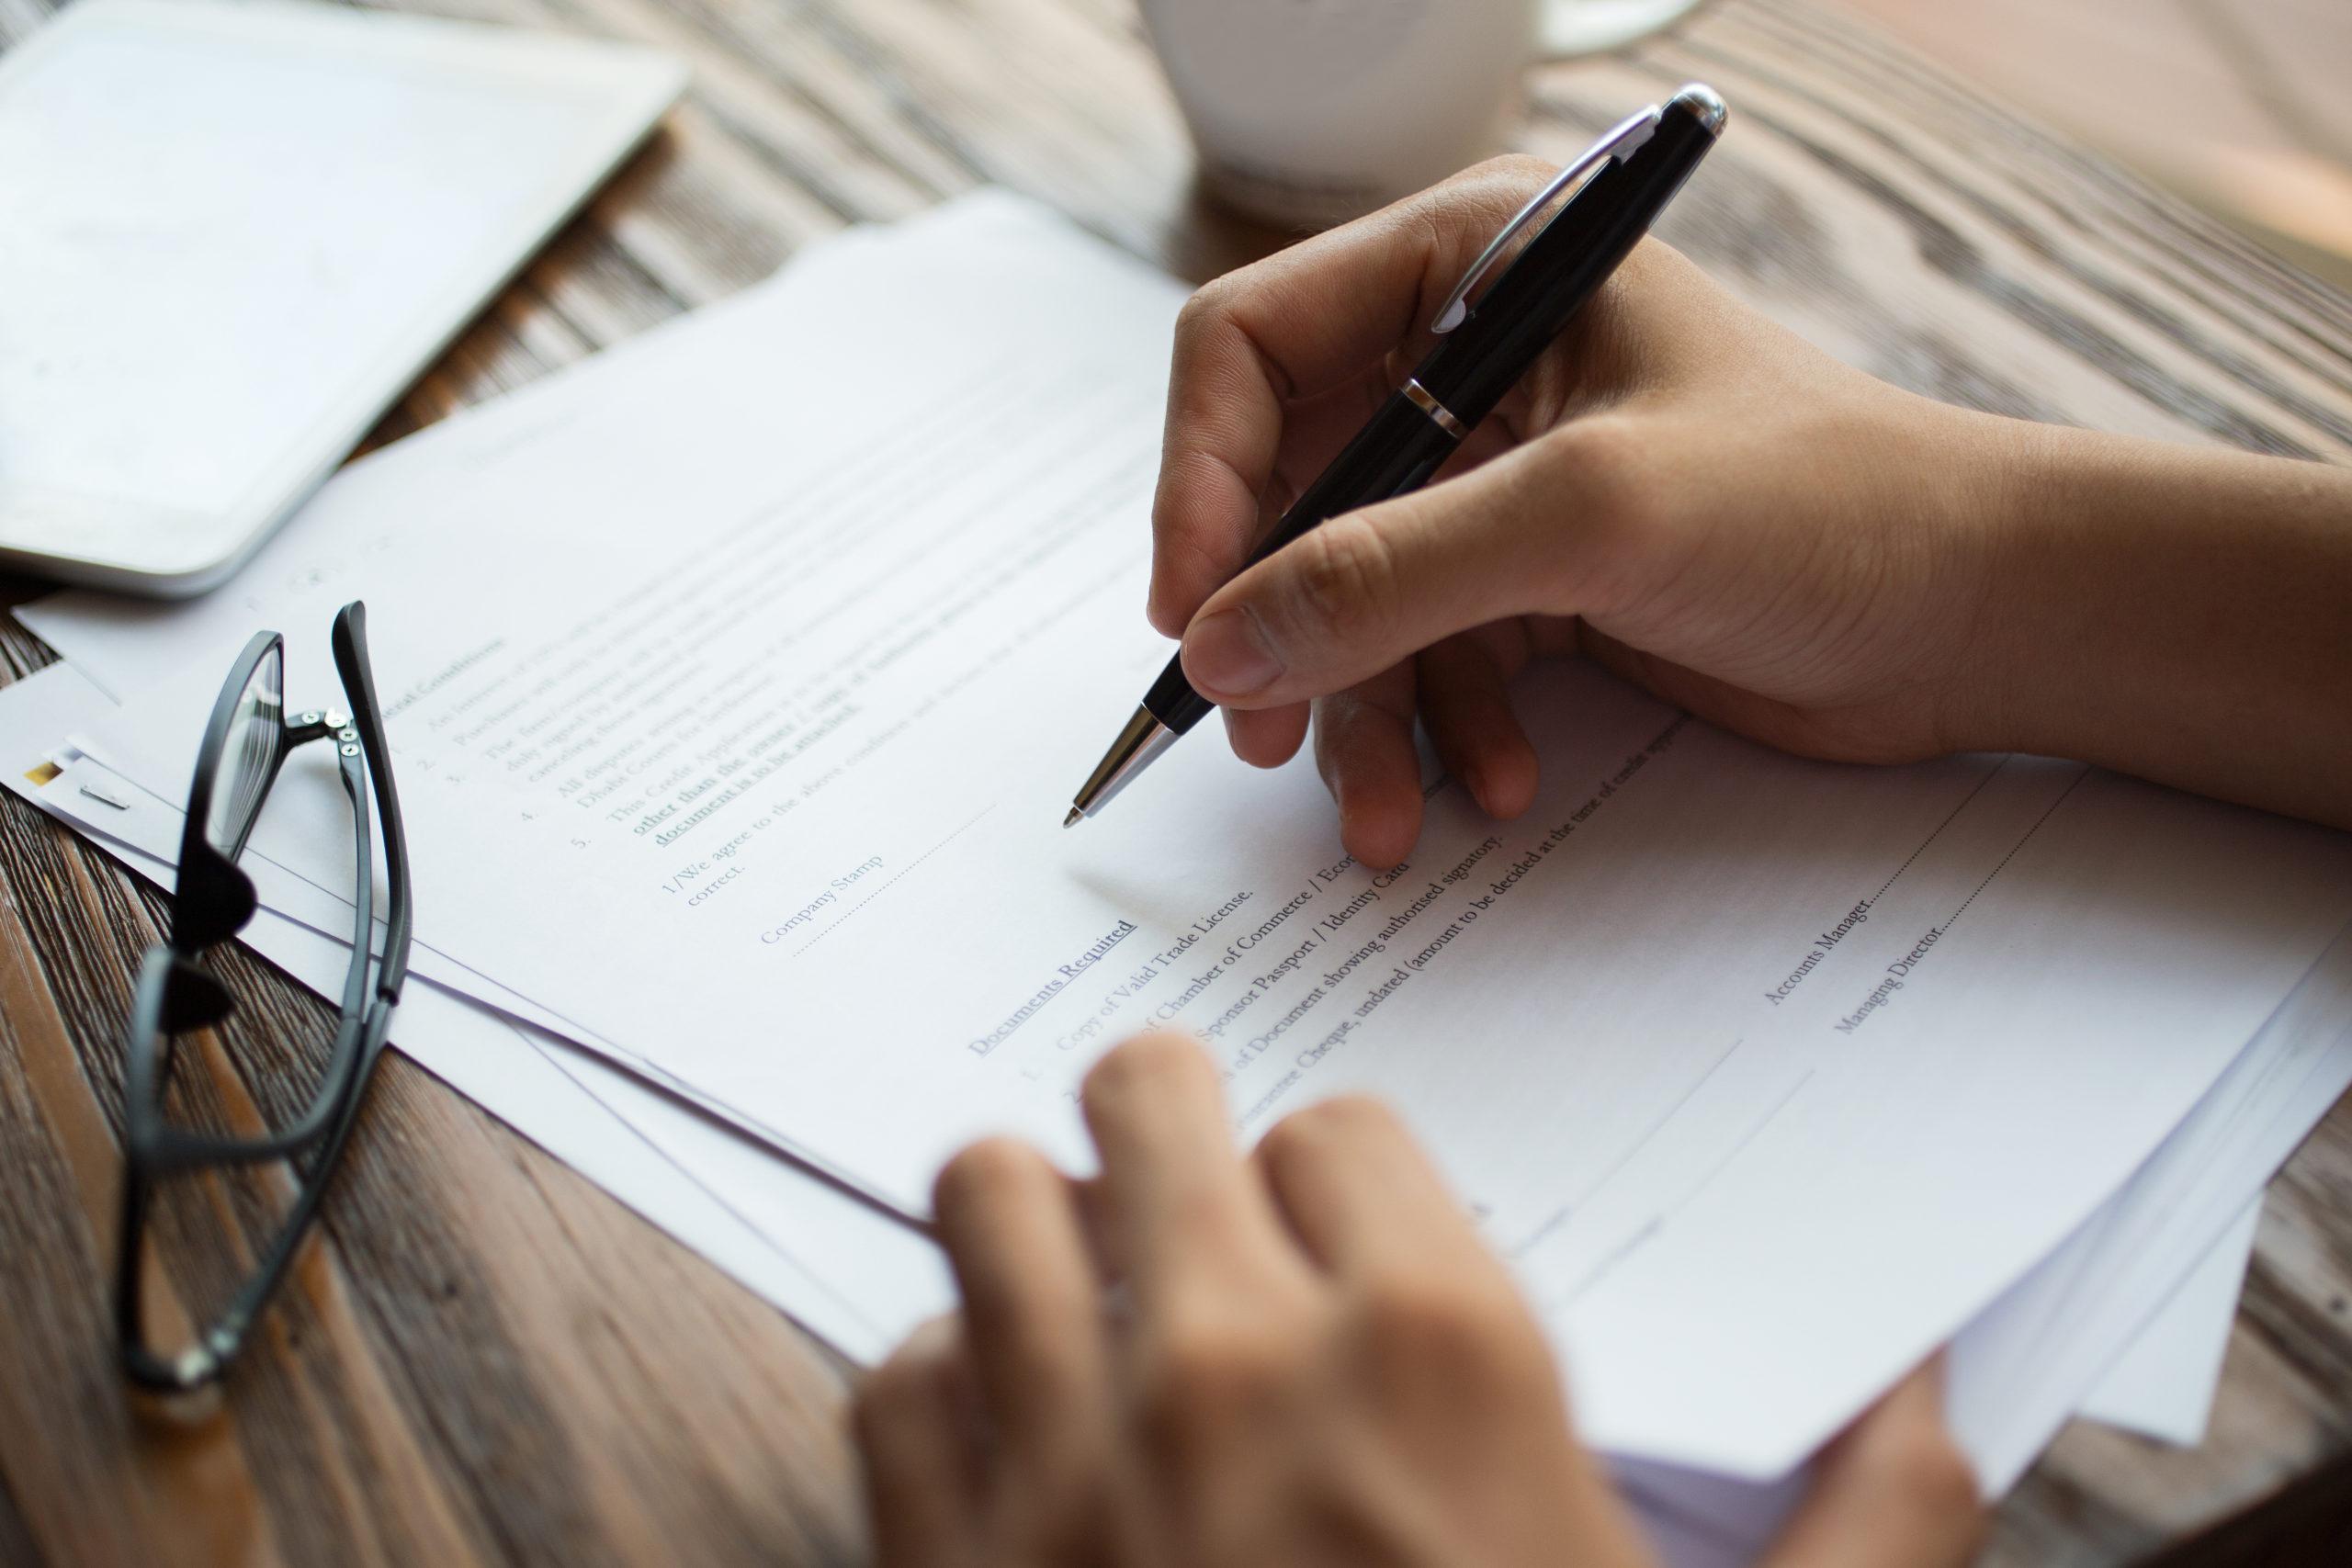 Googleアドセンスの審査基準と合格するための8つの行動